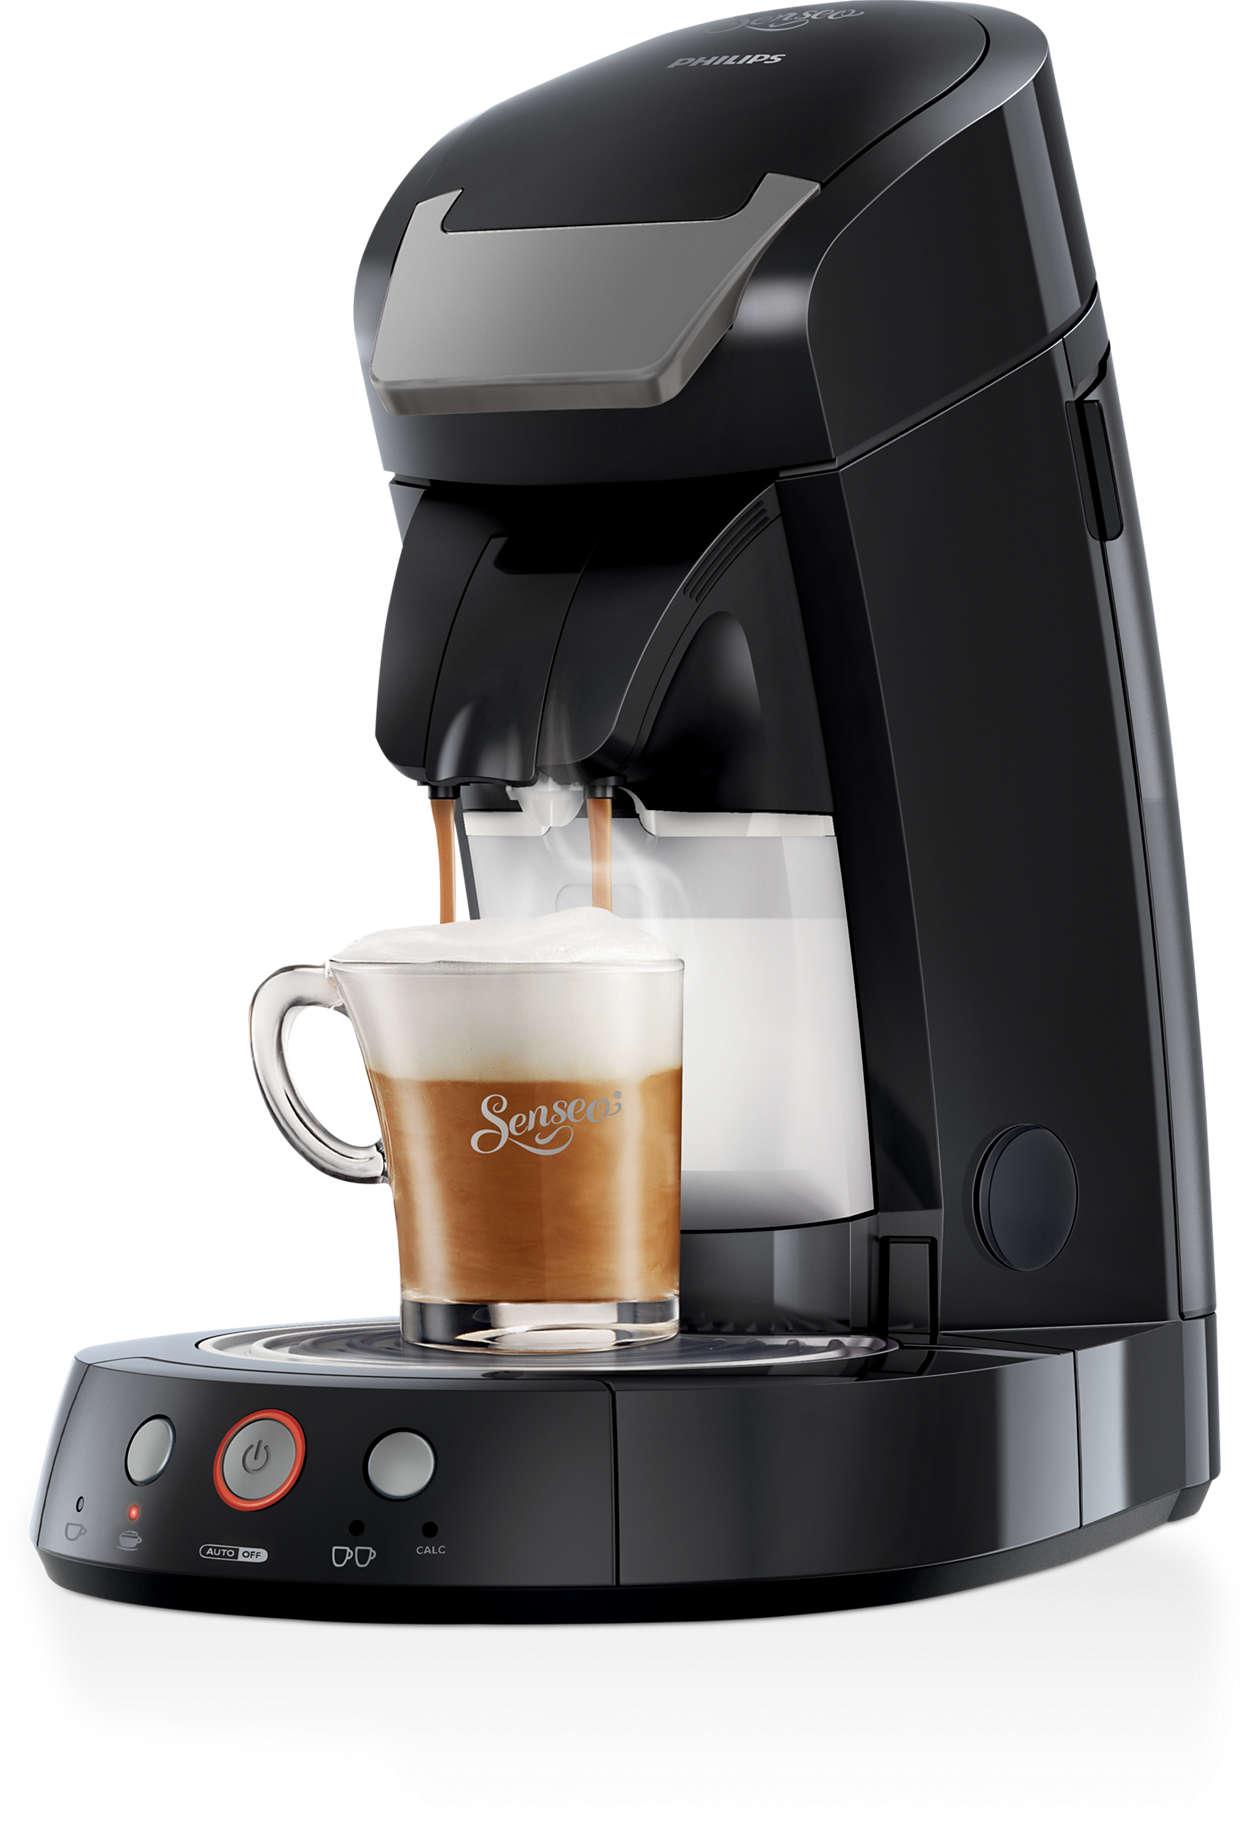 El mejor cappuccino se prepara con leche fresca.